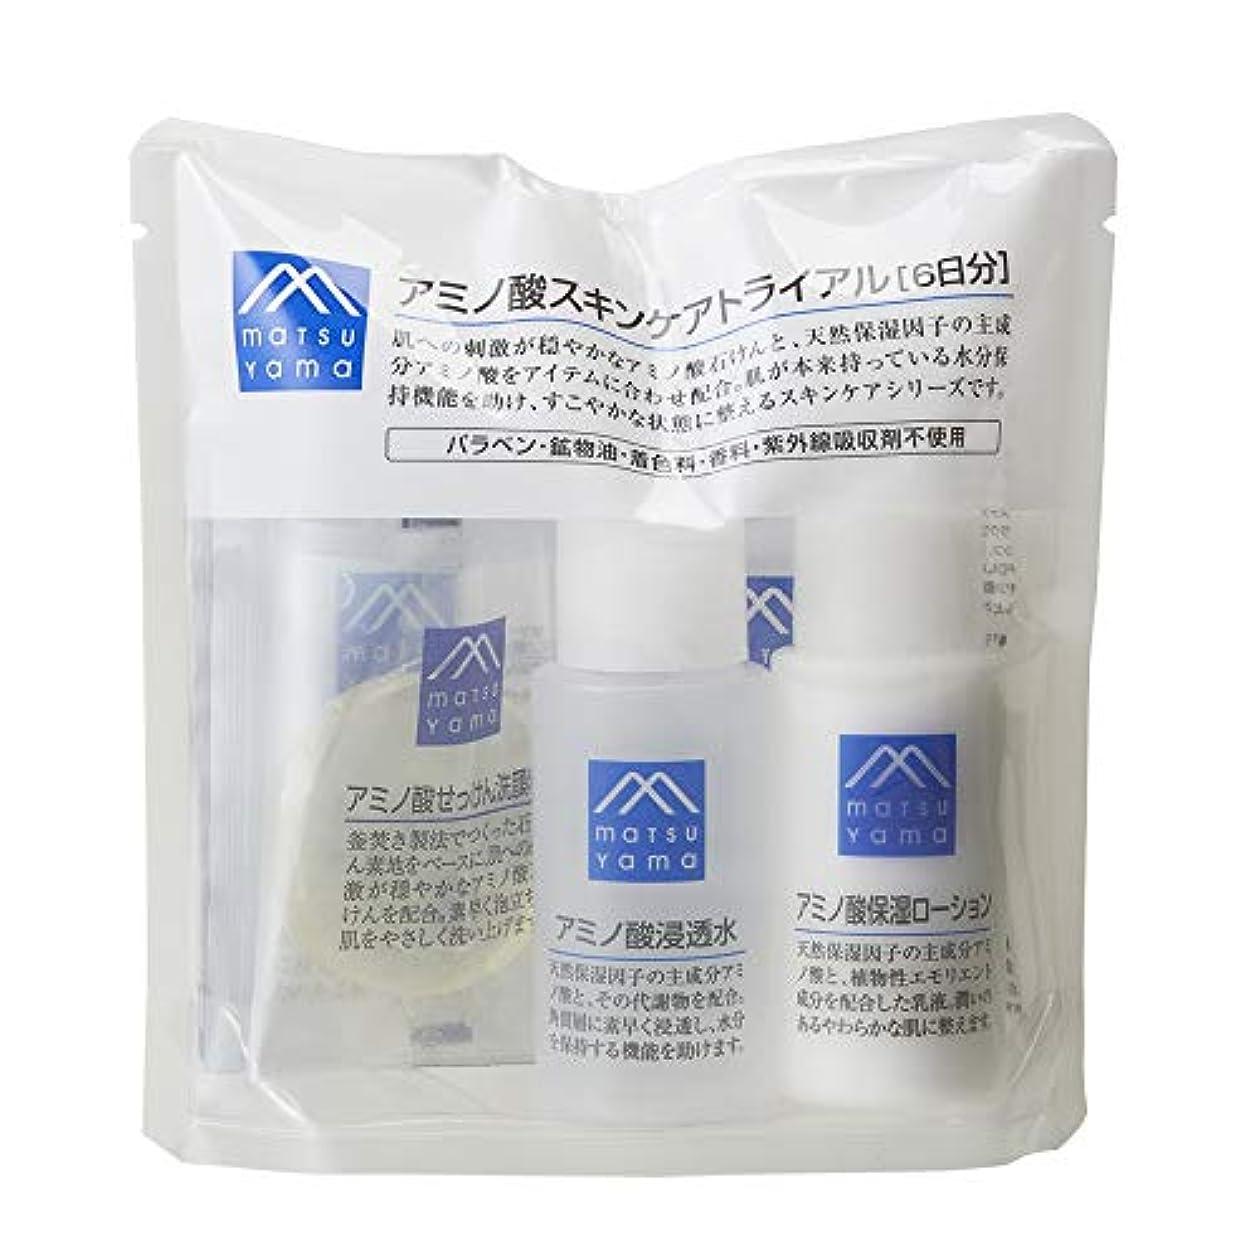 秋限りなくおもてなしMマーク(M-mark) アミノ酸スキンケアトライアル セット アミノ酸せっけん洗顔料(枠練り石けん)標準重量12g×1個/アミノ酸せっけん洗顔フォーム(洗顔フォーム)2g×2包/アミノ酸浸透水(化粧水)30mL×1本/...